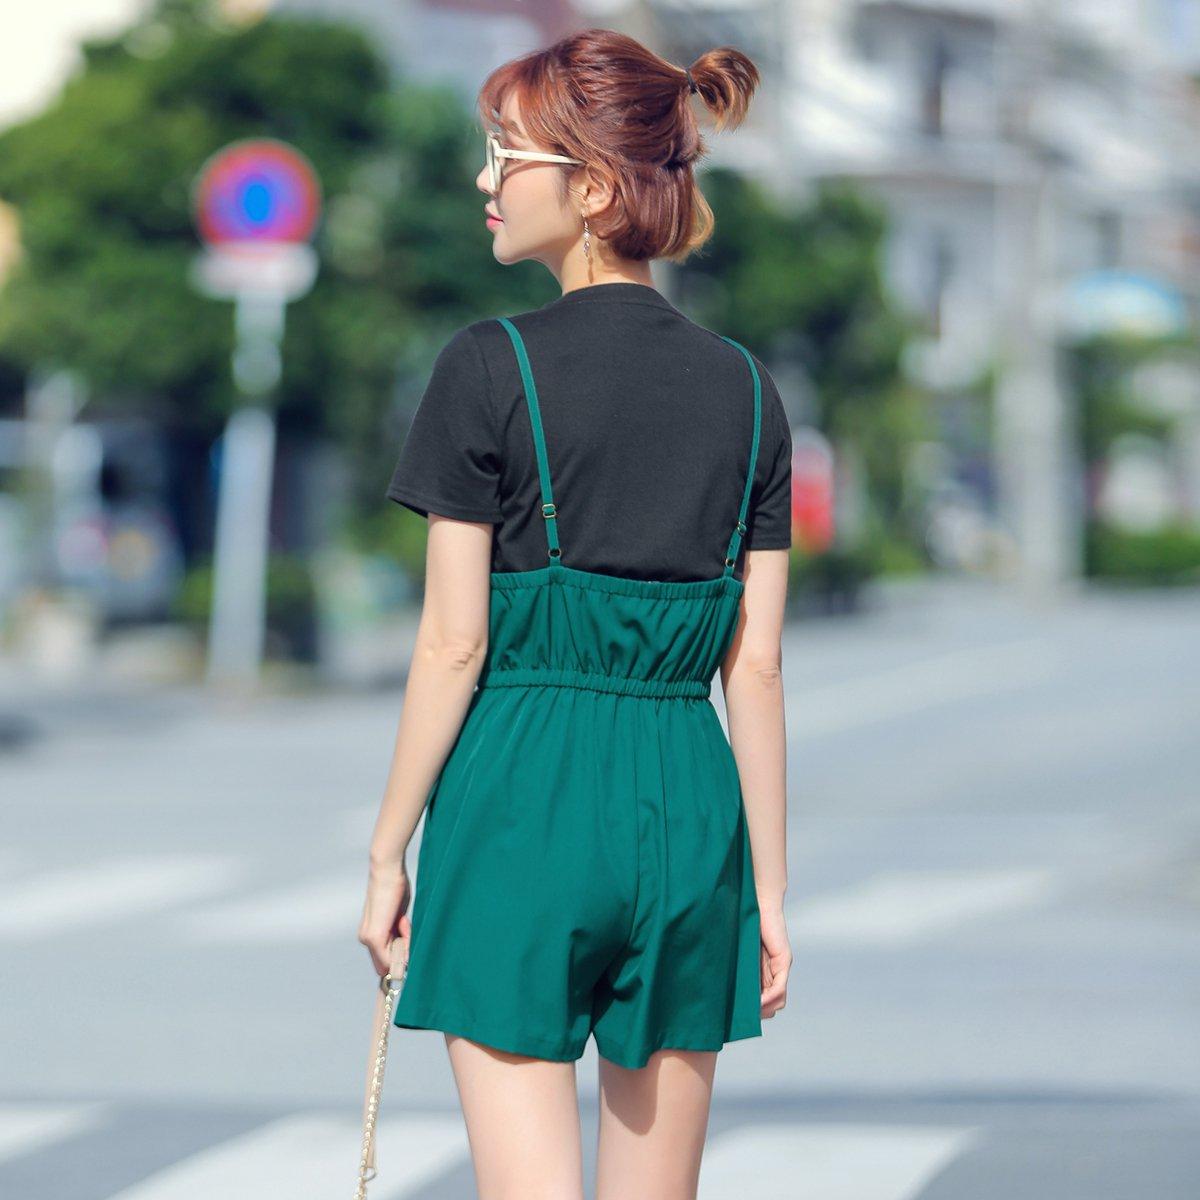 夏季女生半身短裙搭配?这五种短裙穿搭风格时尚潮流 Www.Xixinv...